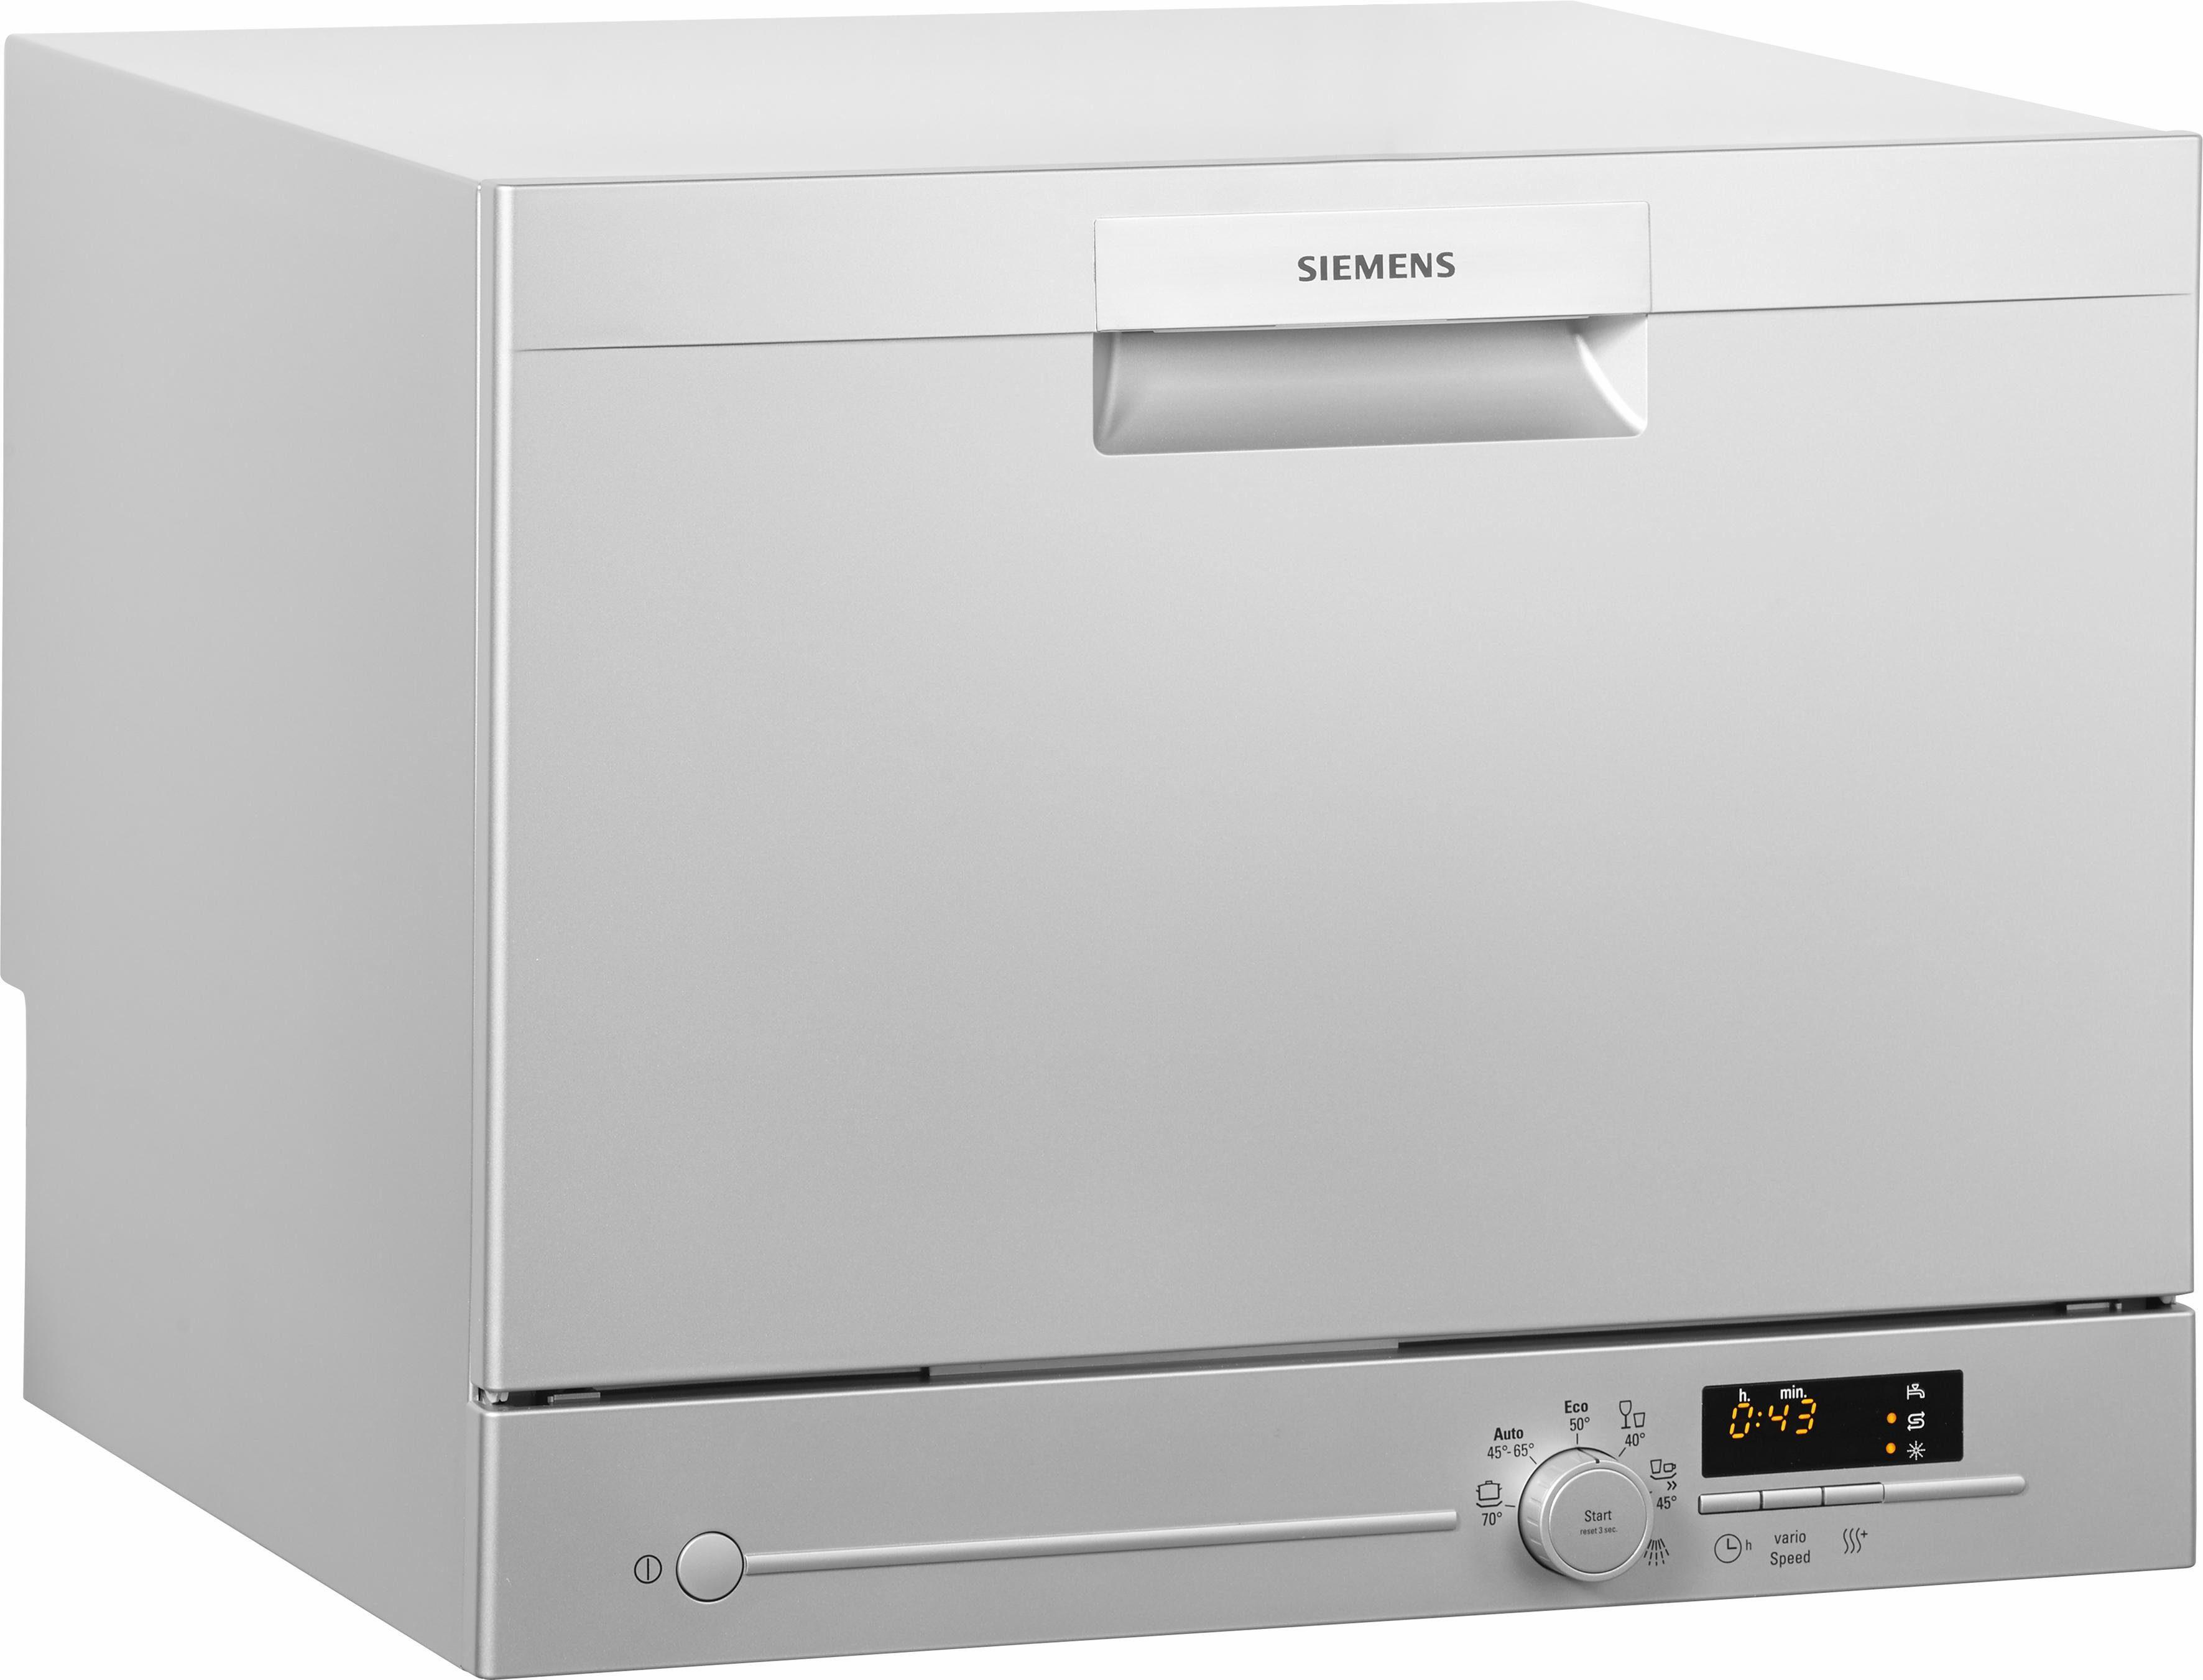 Siemens Kühlschrank Otto : Siemens tischgeschirrspüler online kaufen otto